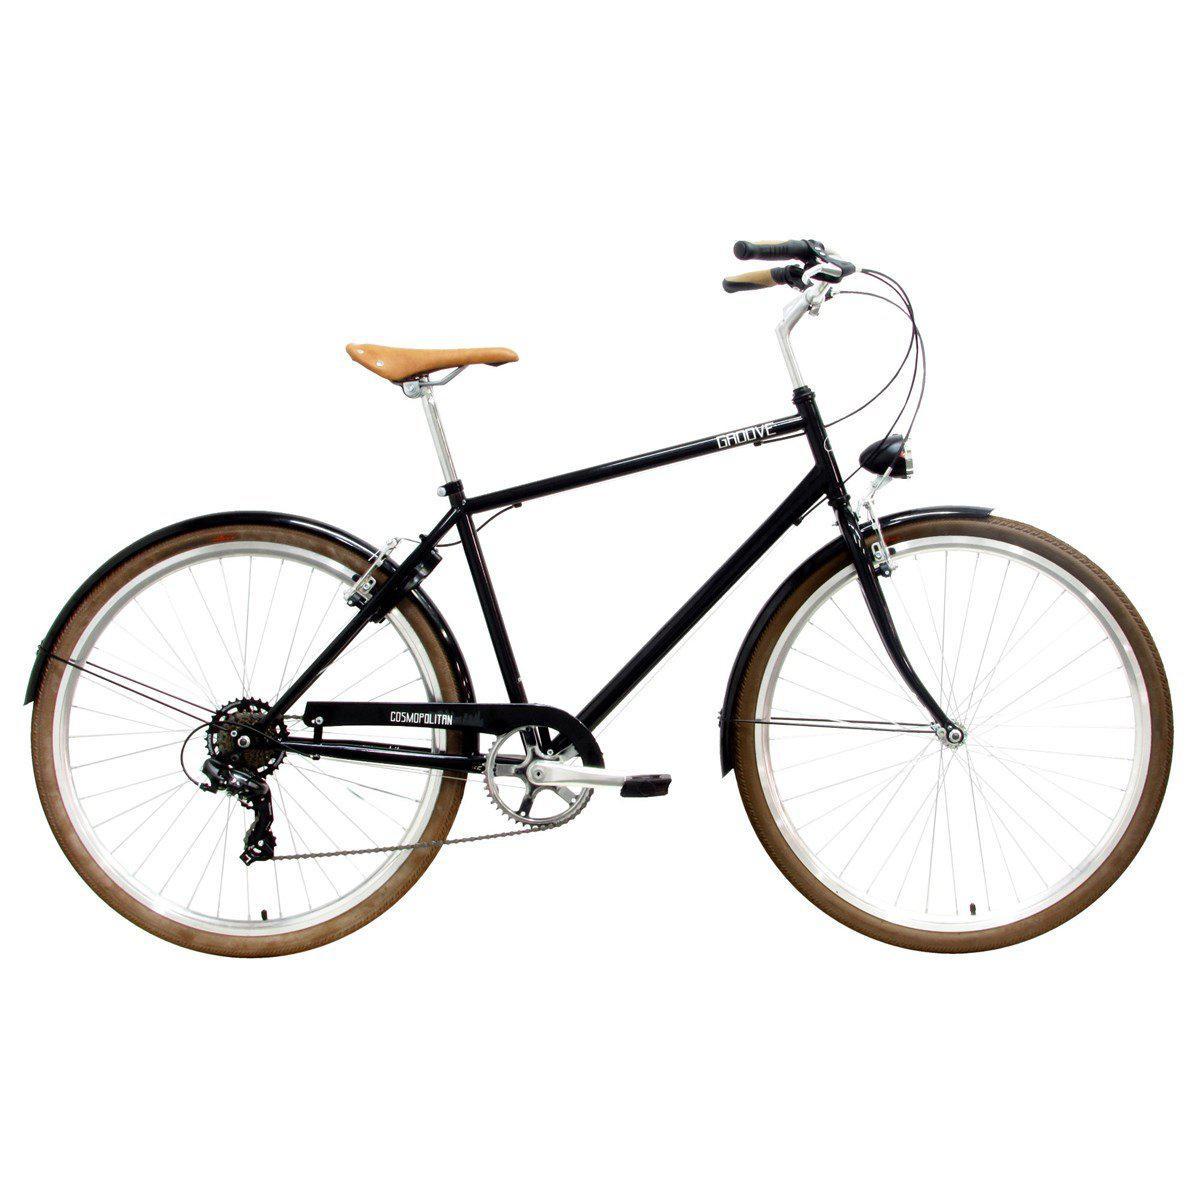 0e5f2a193 Bicicleta urbana groove cosmoplitan aro 700 2019 - preta R$ 1.399,00 à  vista. Adicionar à sacola